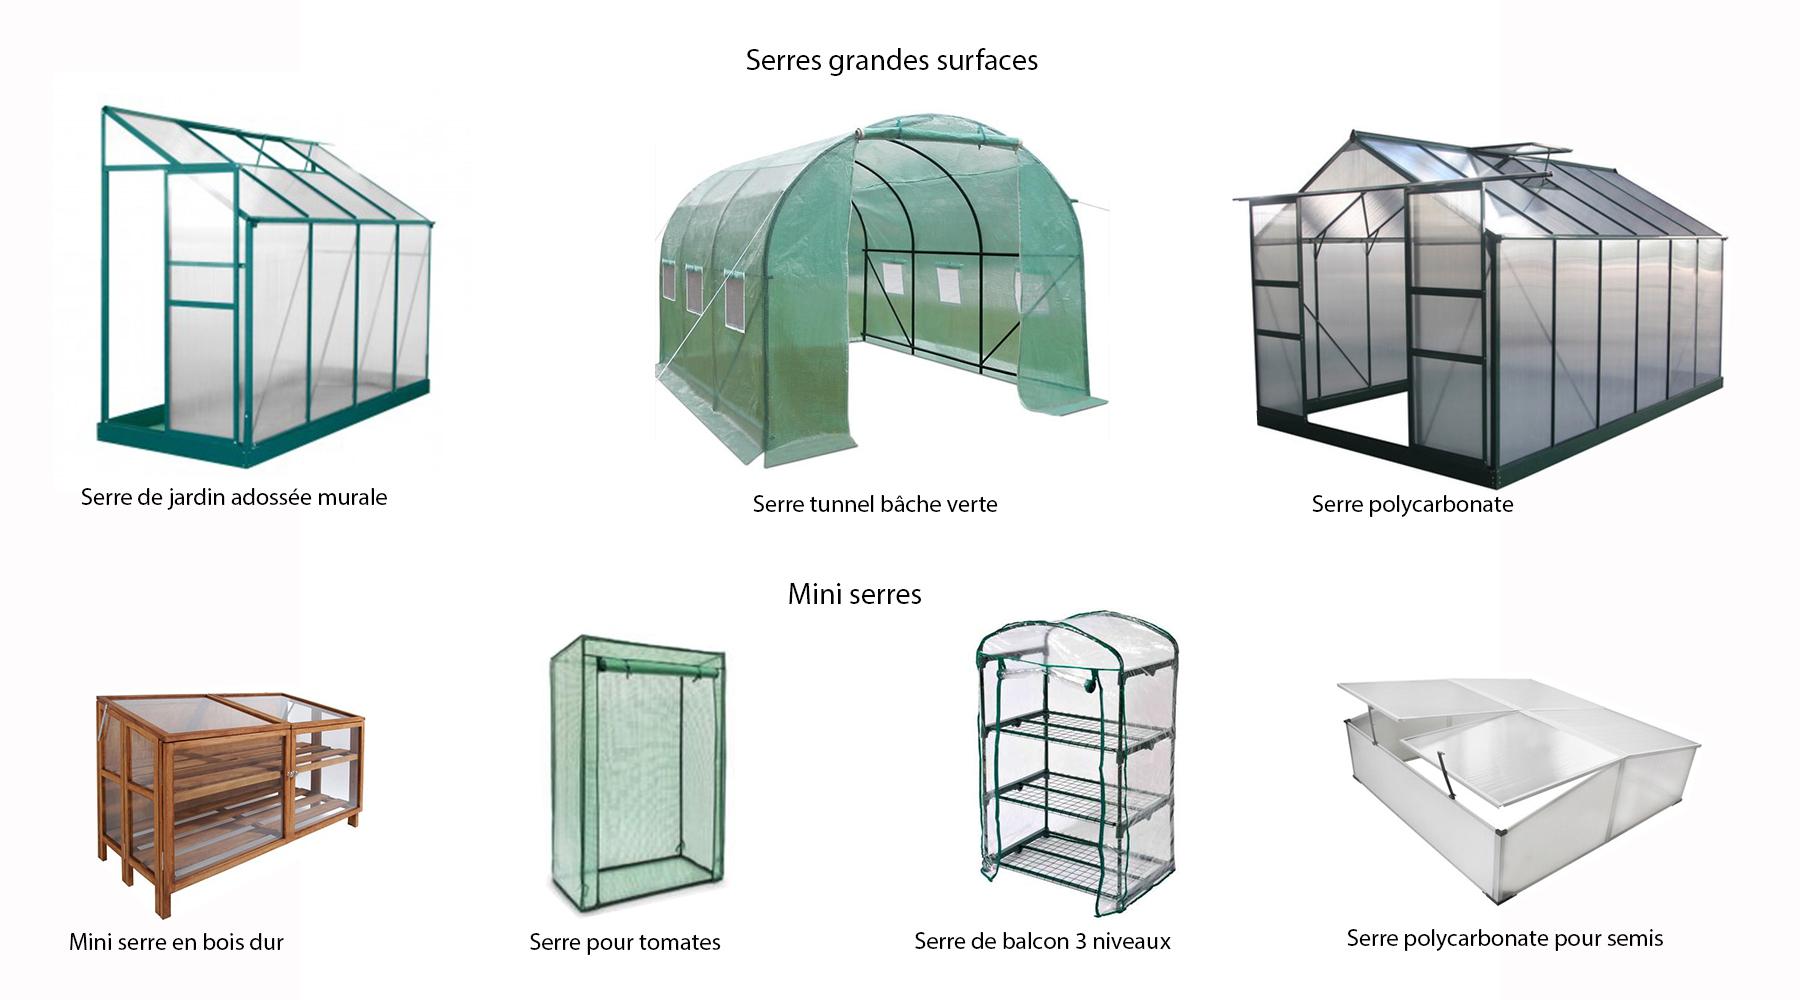 Comment Choisir Sa Serre De Jardin   Guide Complet avec Faire Sa Serre De Jardin Soi Meme